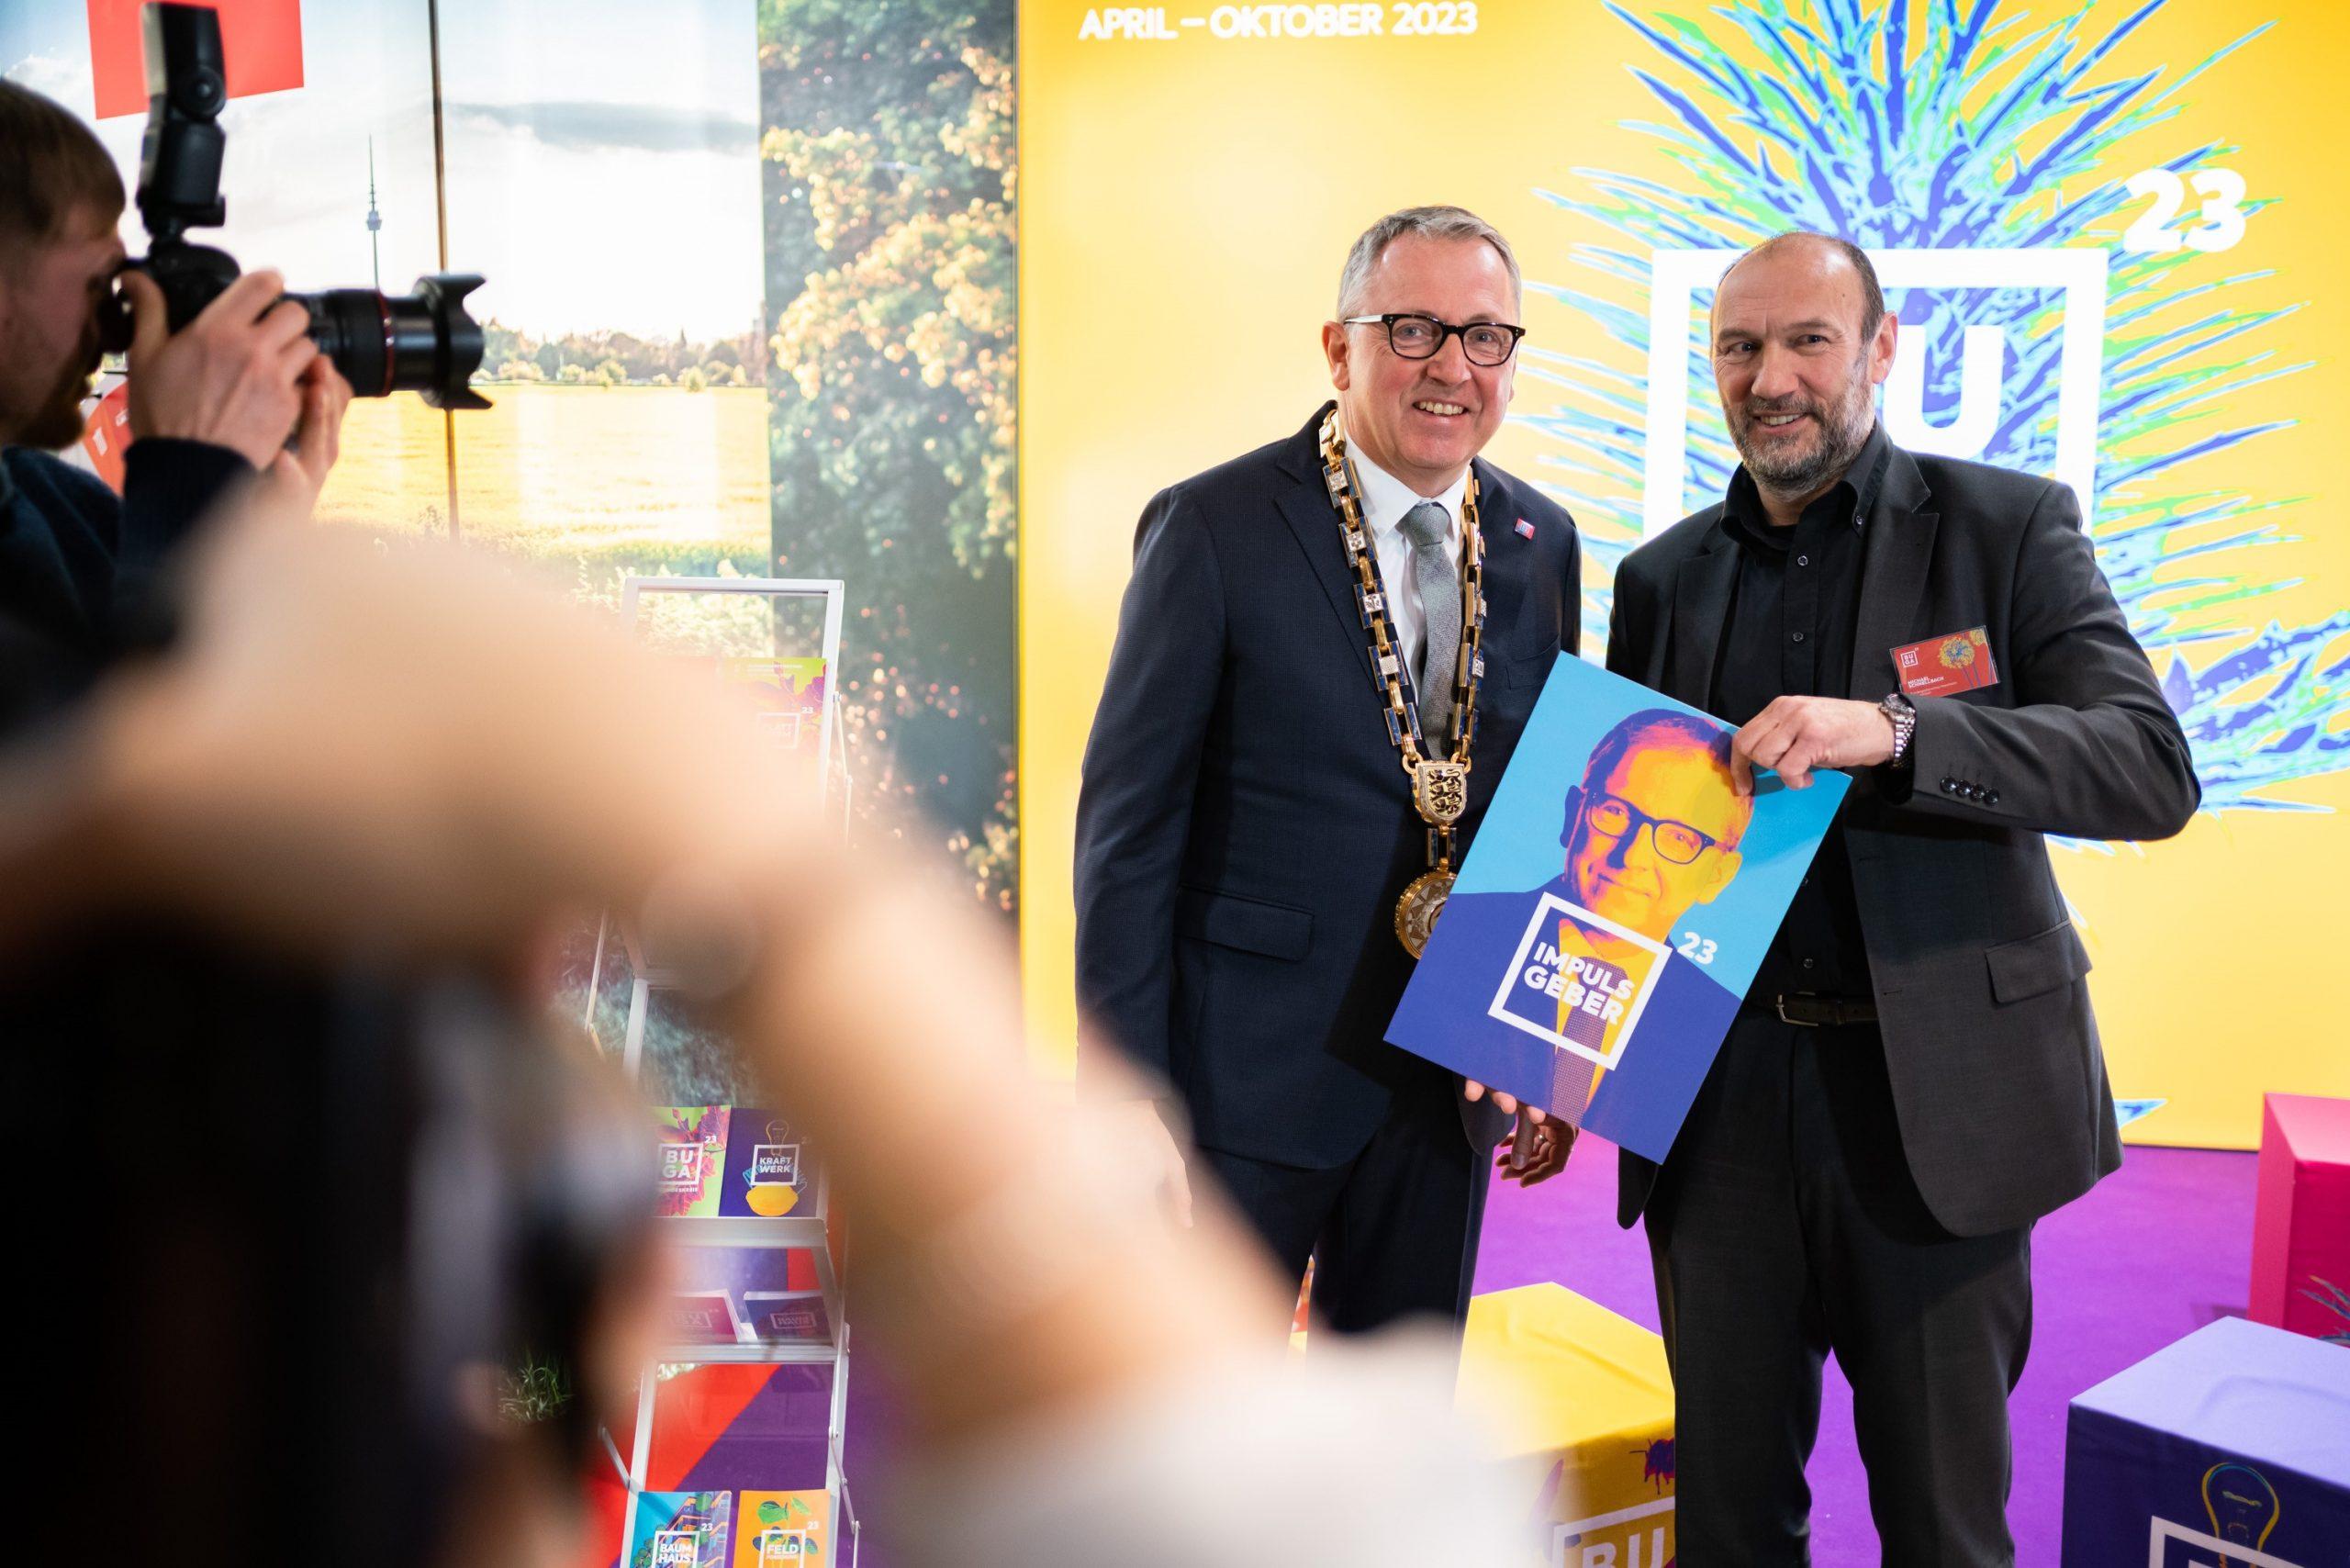 Das Foto zeigt DR. Peter Kurz, Oberbürgermeister der Stadt Mannheim, und Michael Schnellbach, den Geschäftsführer der BUGA, vor dem Messestand der BUGA 23.